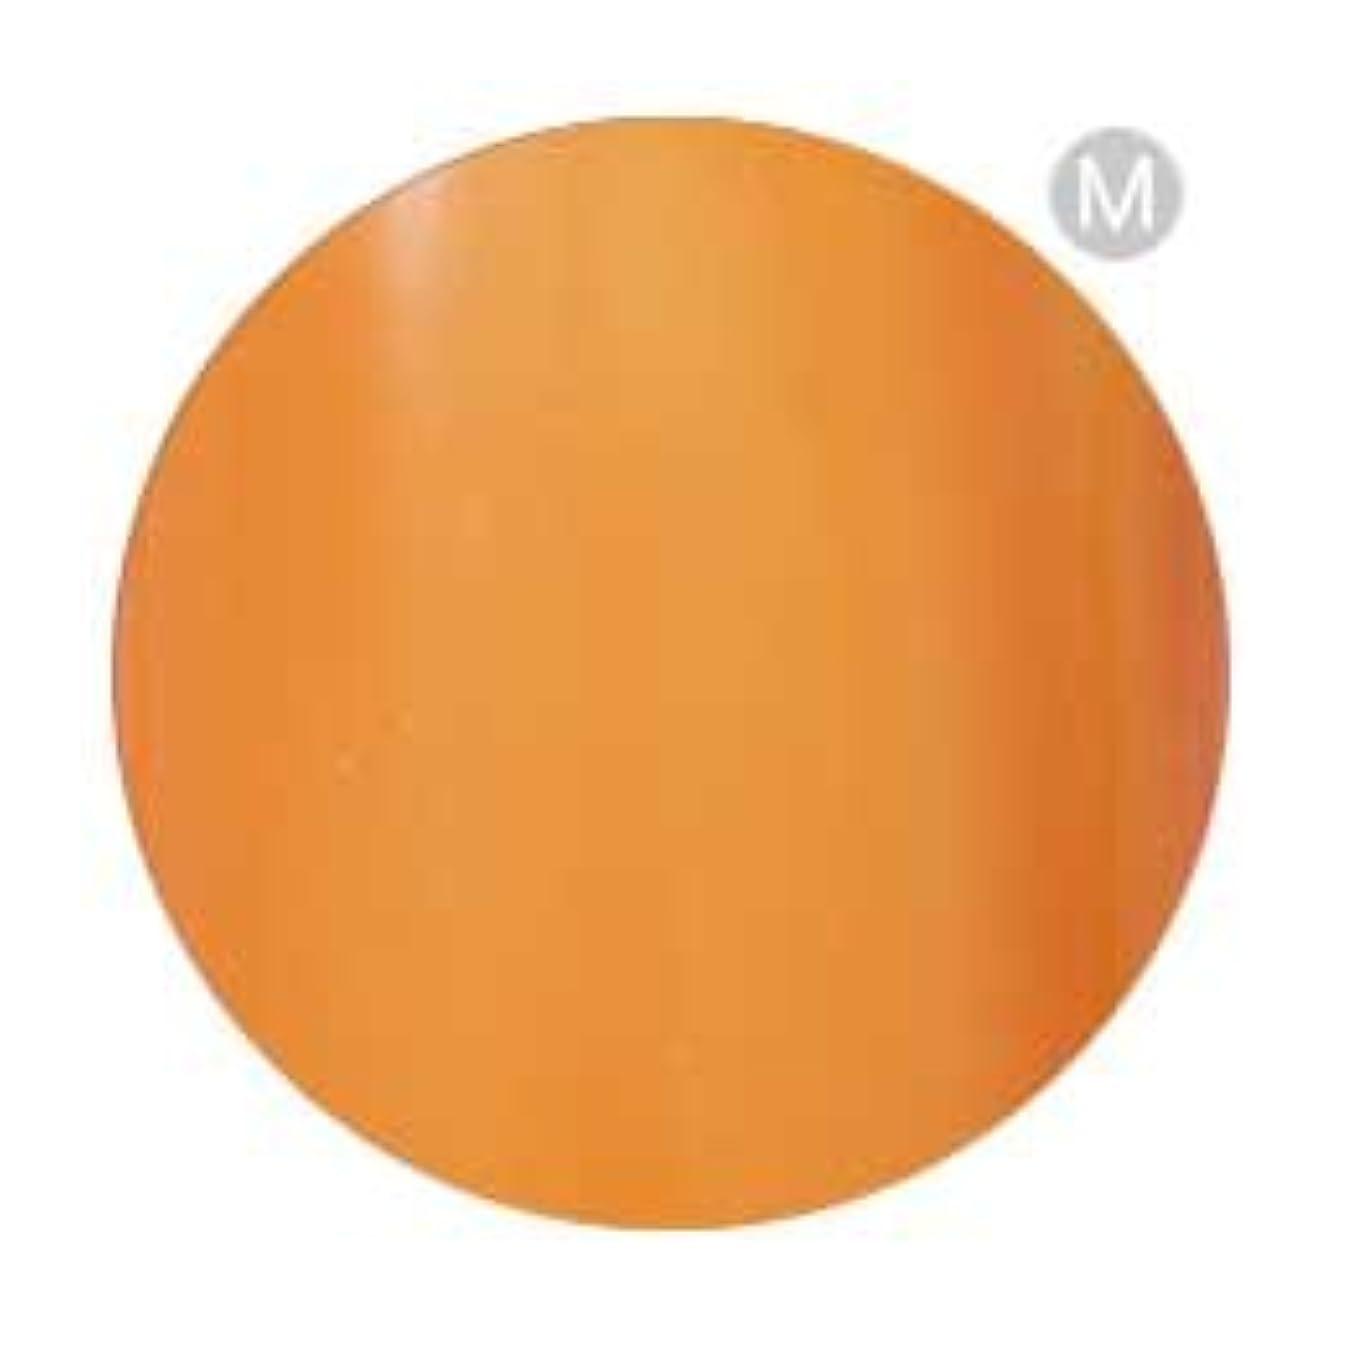 配置検査官一般的にPalms Graceful カラージェル 3g 002 オレンジ